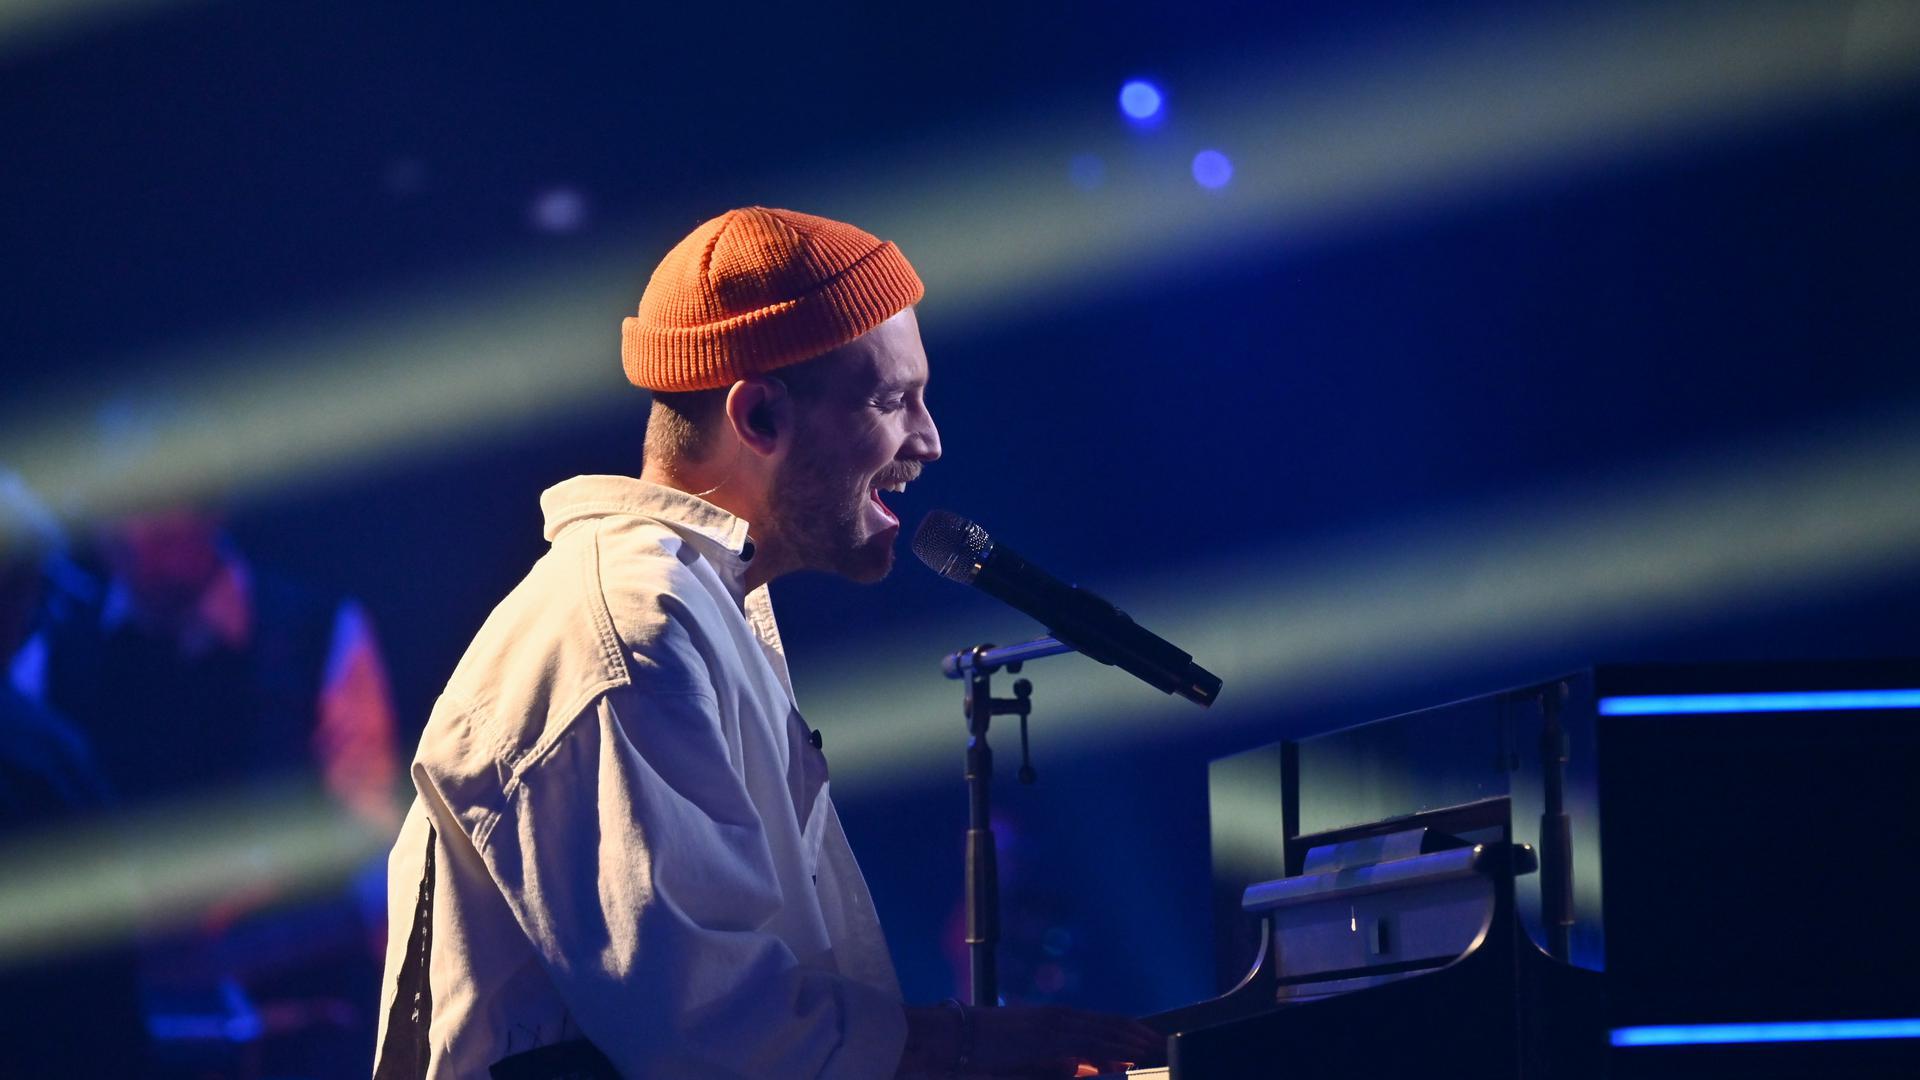 """Alessandro Pola bei seinem Auftritt im Halbfinale von  """"The Voice of Germany""""."""